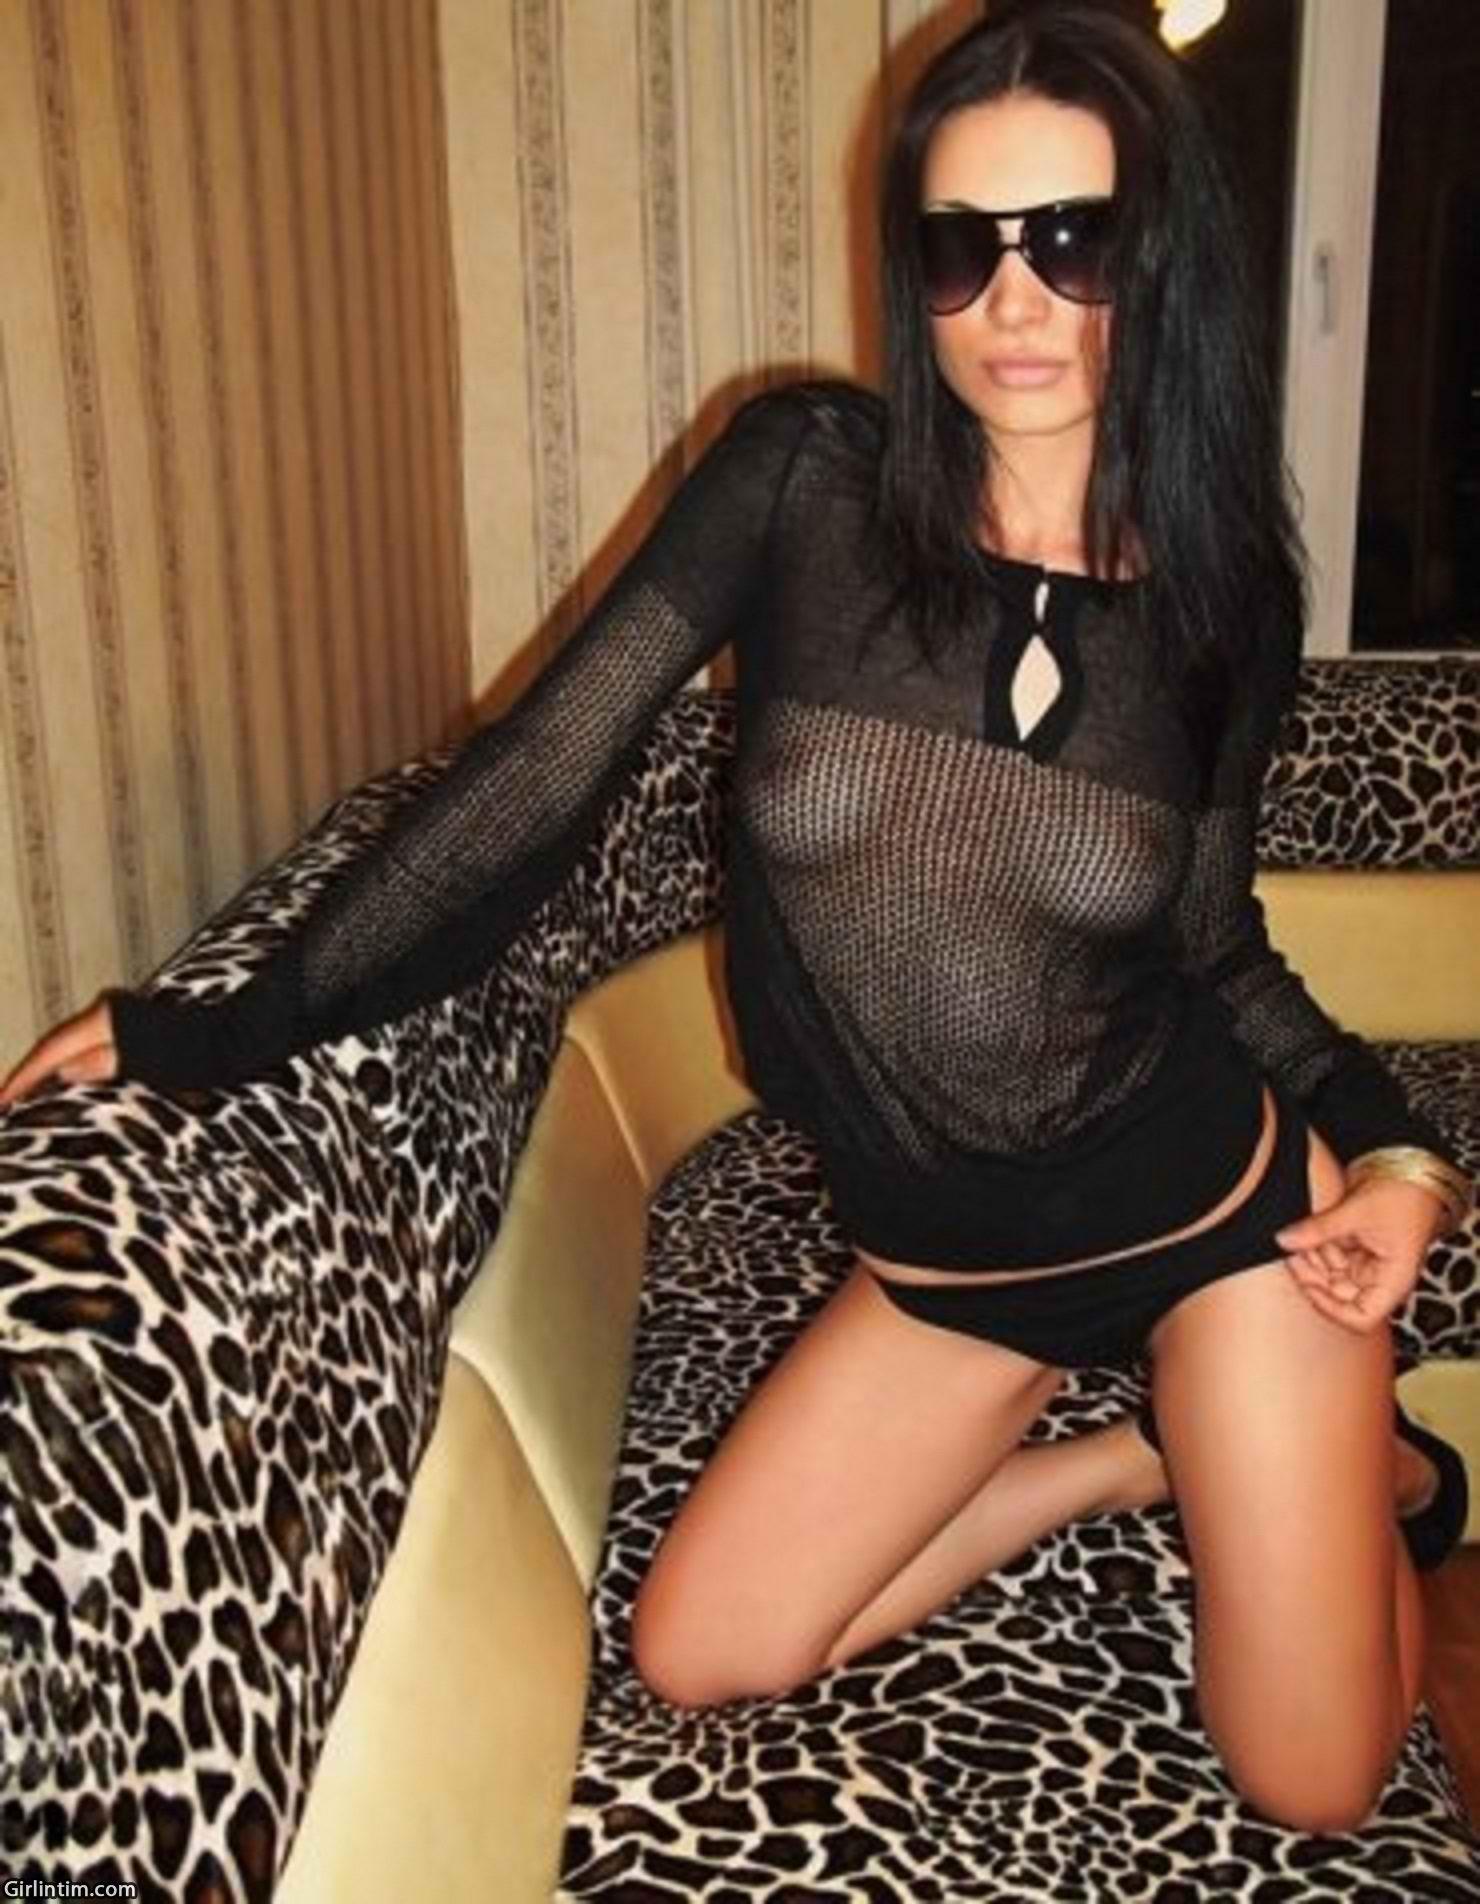 Проститутки мелита из рязани 6 фотография